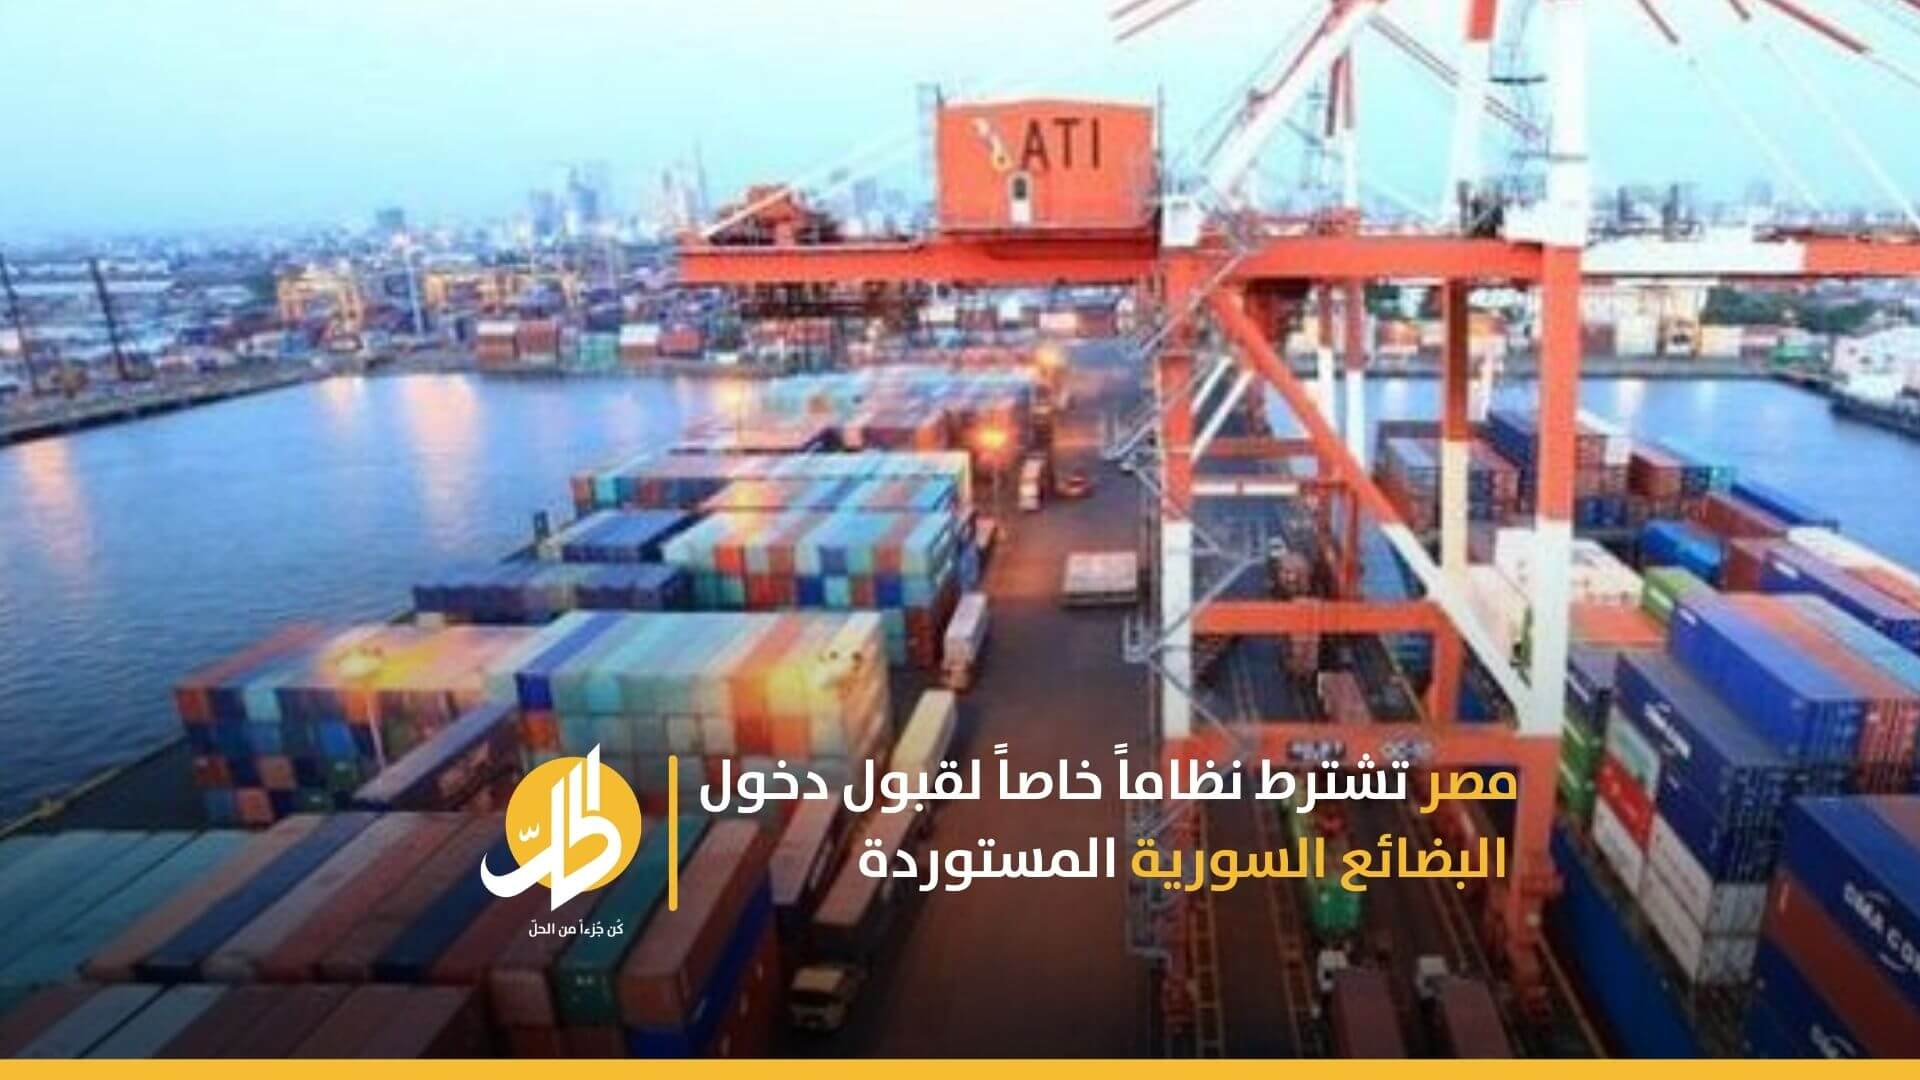 مصر تشترط نظاماً خاصاً لقبول دخول البضائع السورية المستوردة